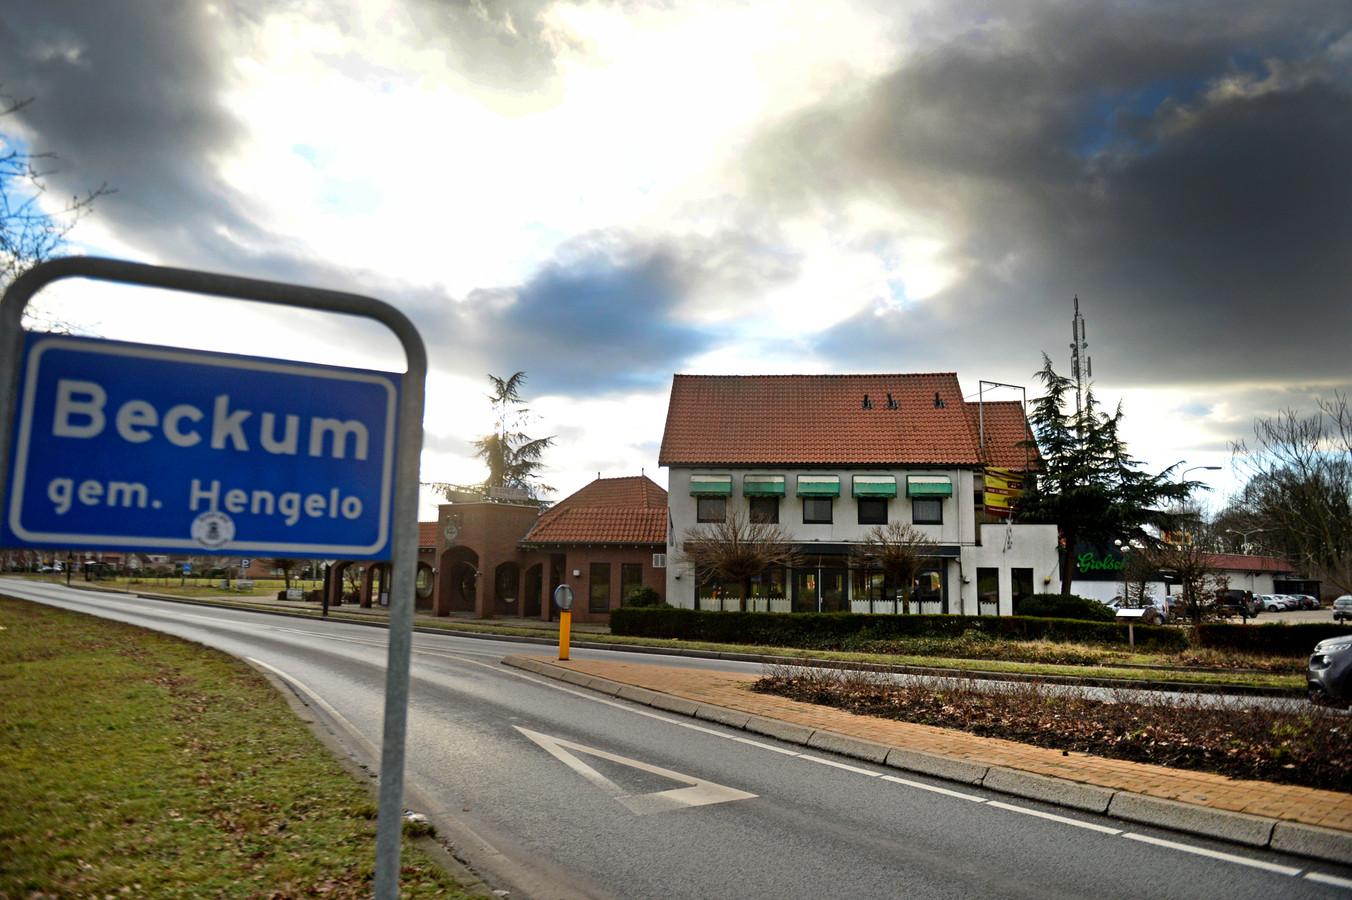 Woningbouw in Beckum is al jaren topprioriteit voor de gemeenschap, maar het gaat alleen maar langer duren.